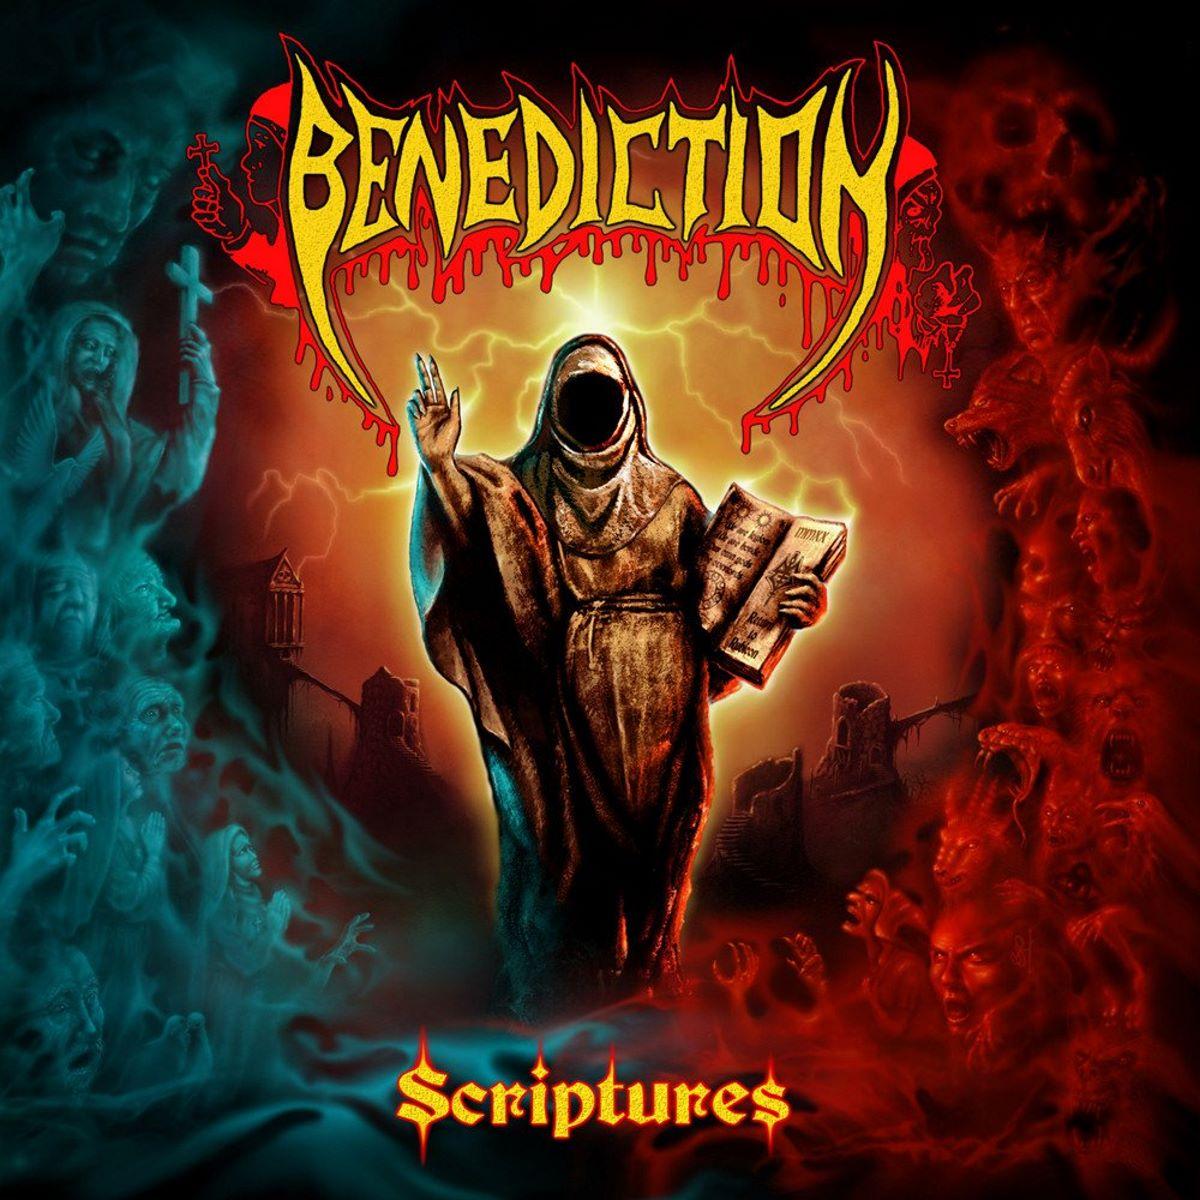 benediction - Scriptures - album cover